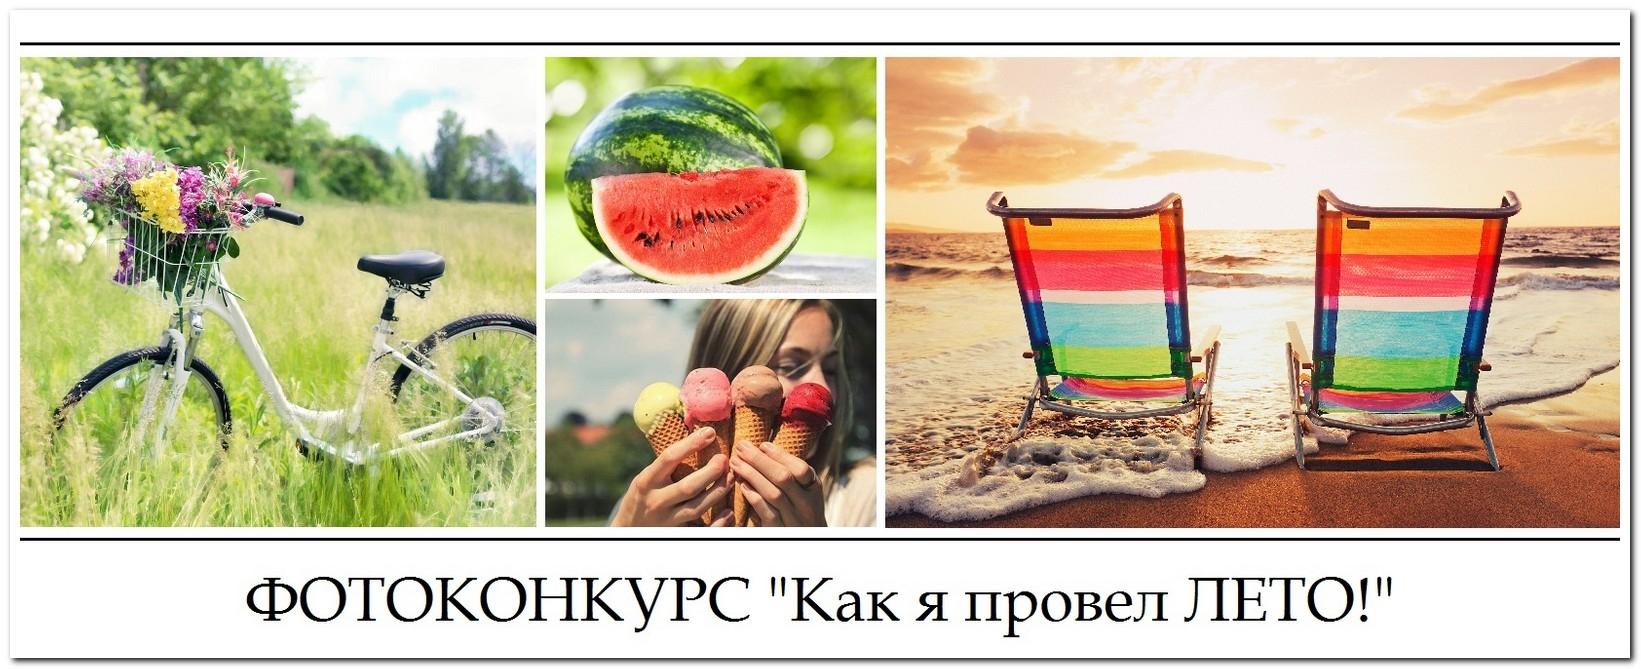 Конкурсы про лето на лето